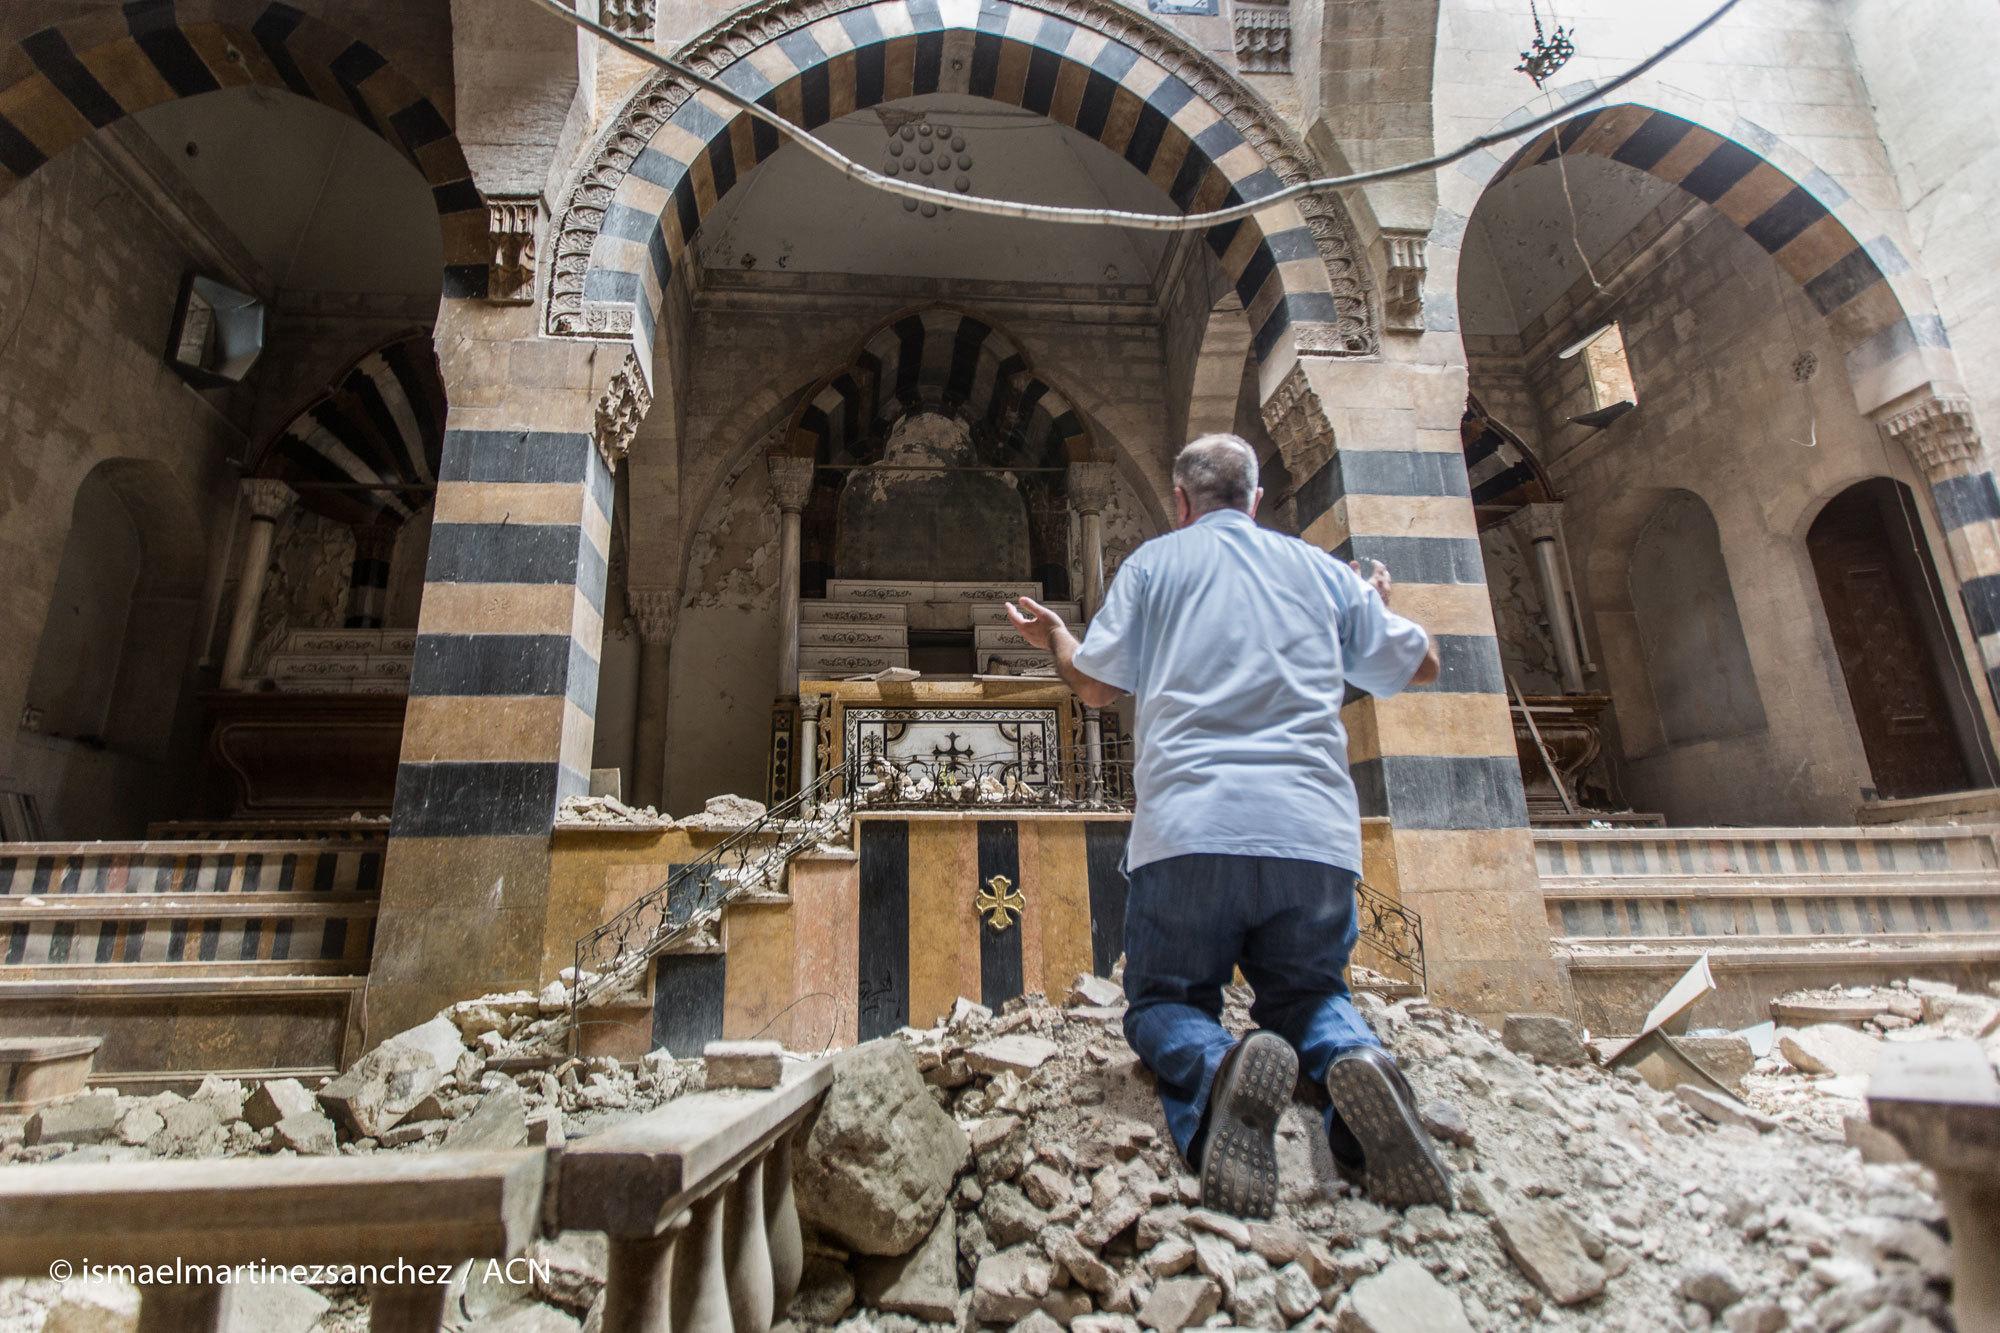 Ein Mann betet in einer zerstörten Kirche in Syrien C KIRCHE IN NOT Ismael Martinez Sanchez